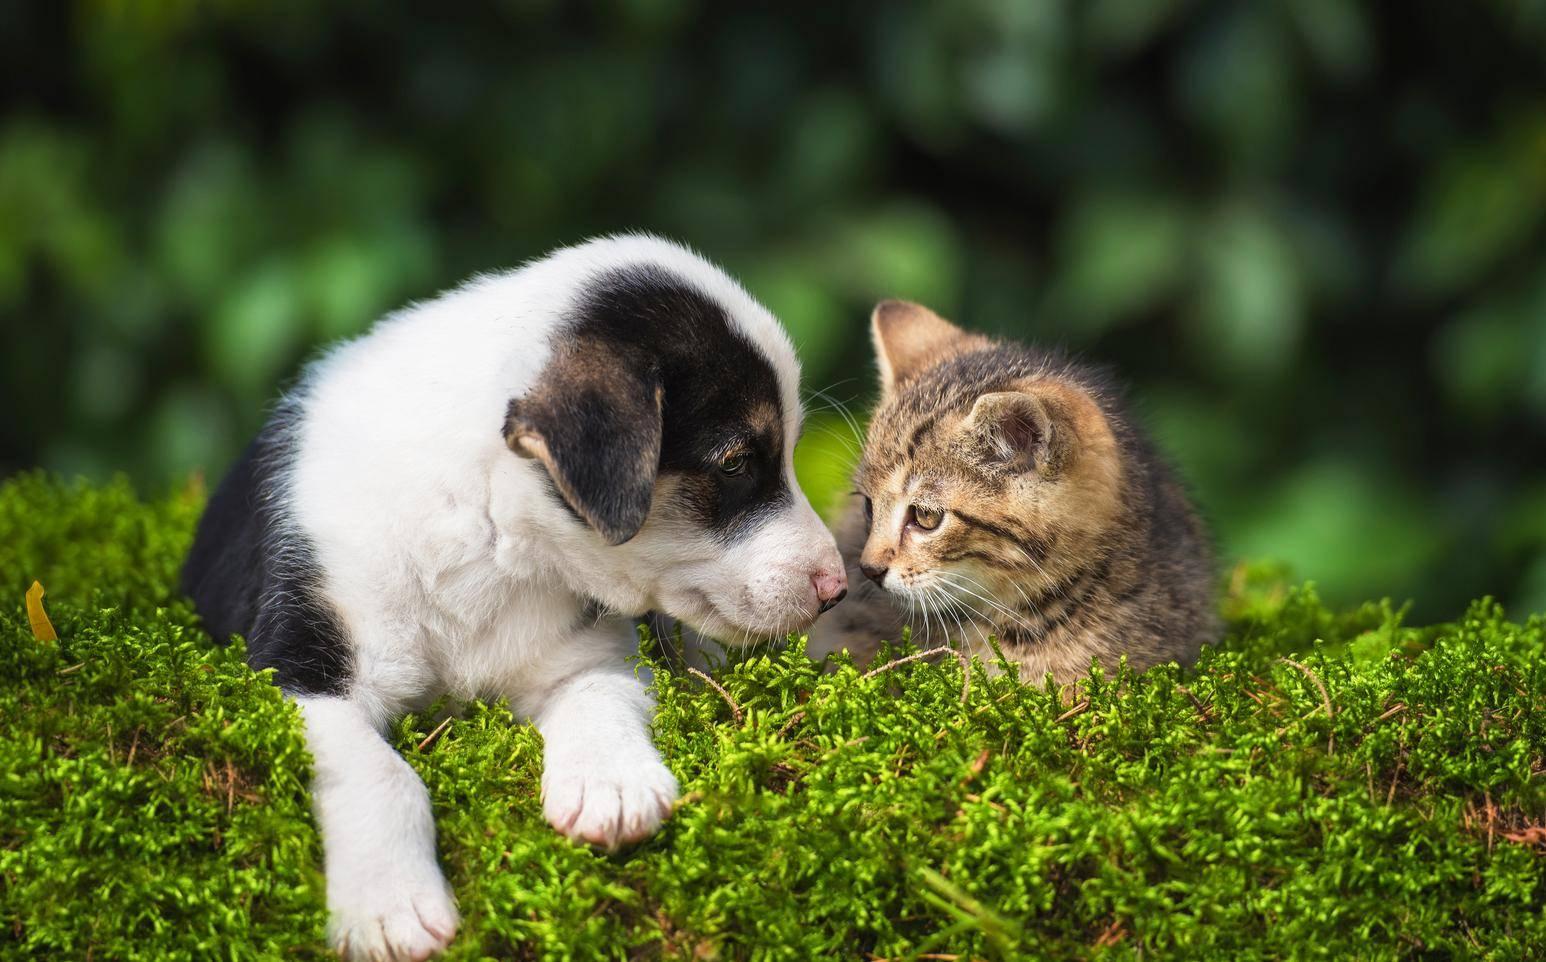 удаление клеща у собаки и кошки